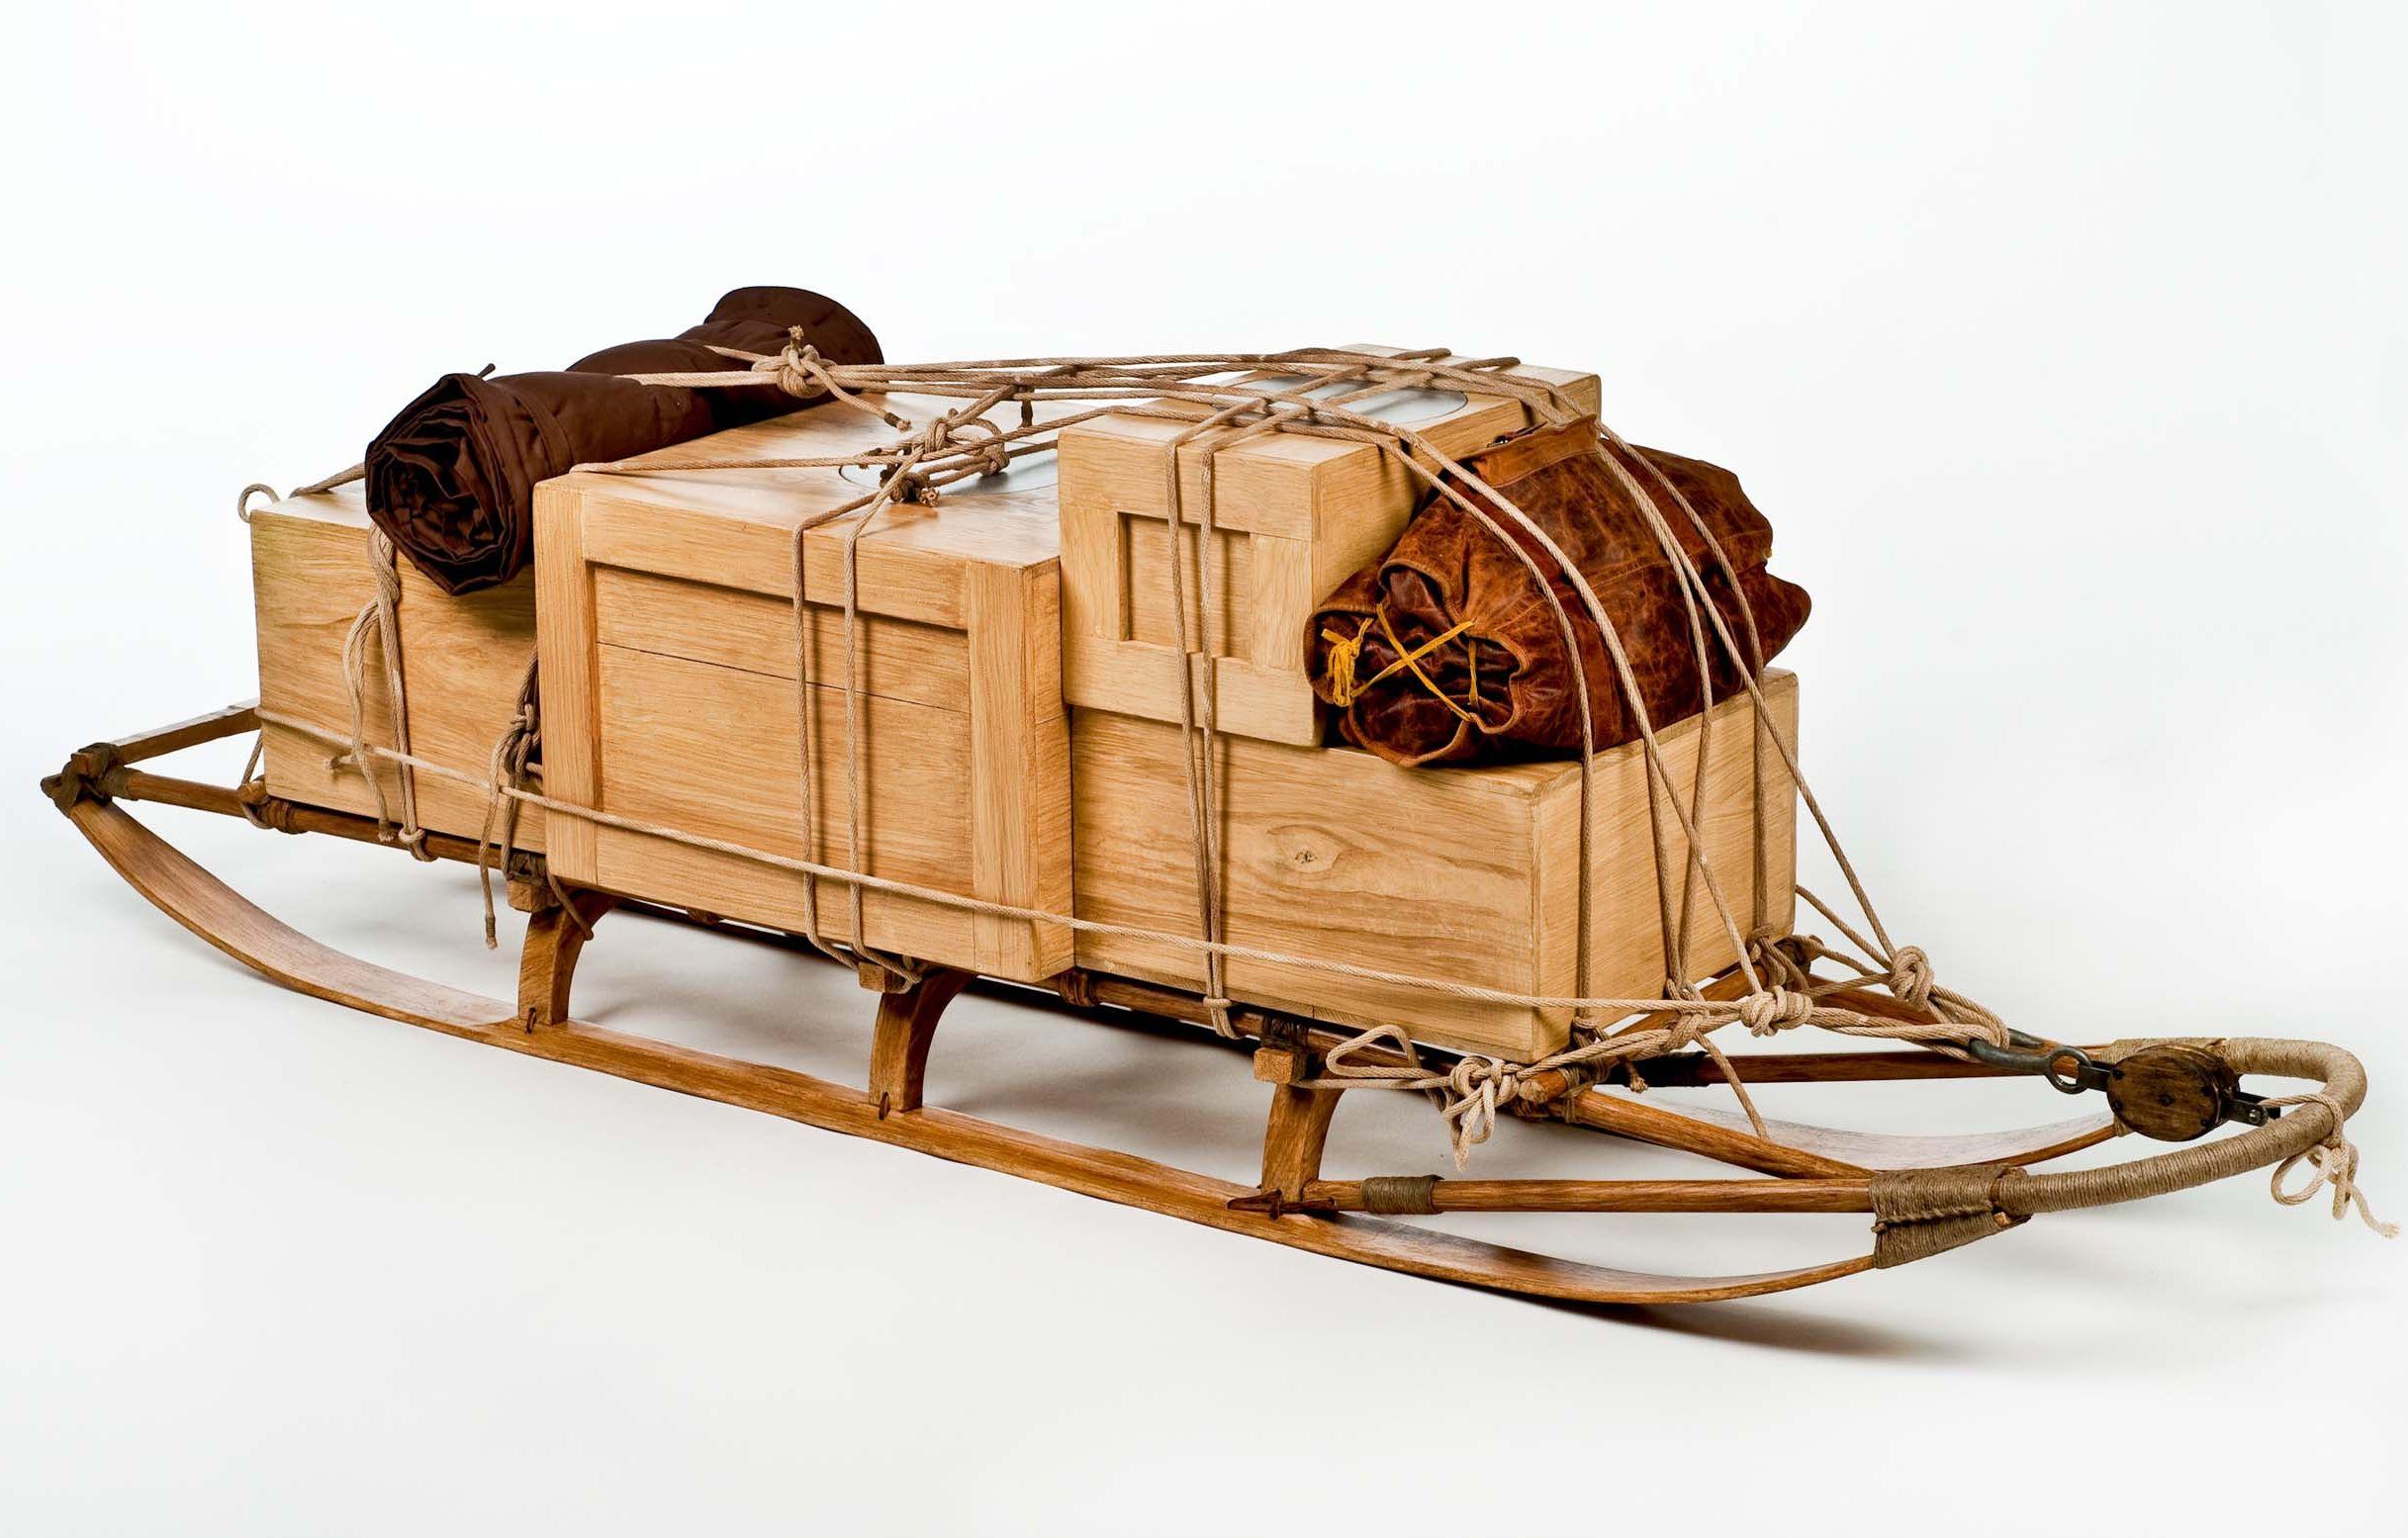 Traîneau présenté dans l'espace souterrain reconstitué Amundsen © AMNH D Finnin